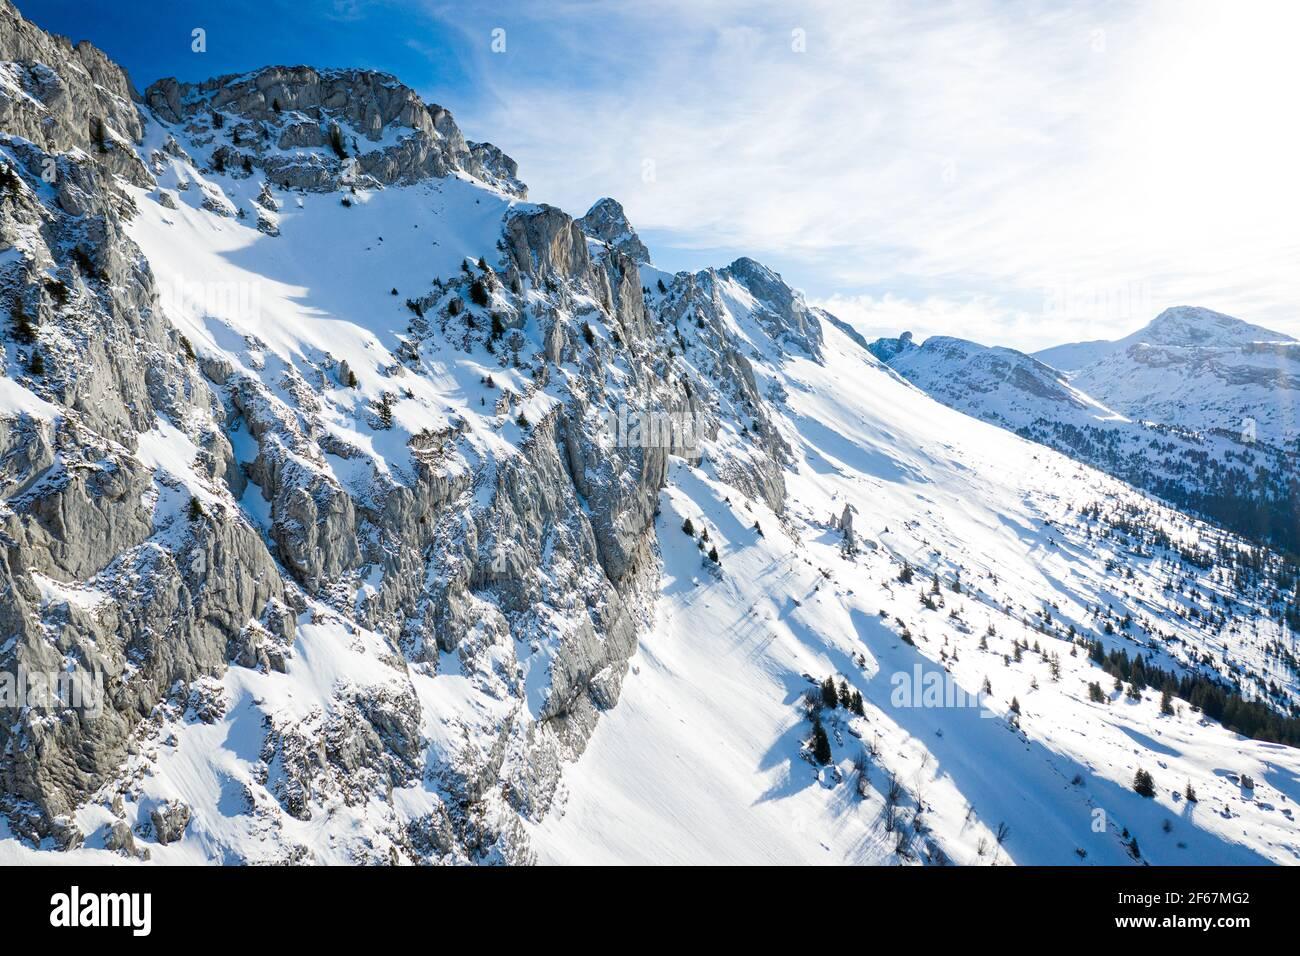 Vista aérea del paisaje de montaña de invierno. Nevadas escarpadas montañas de Vercors, Francia. Foto de stock